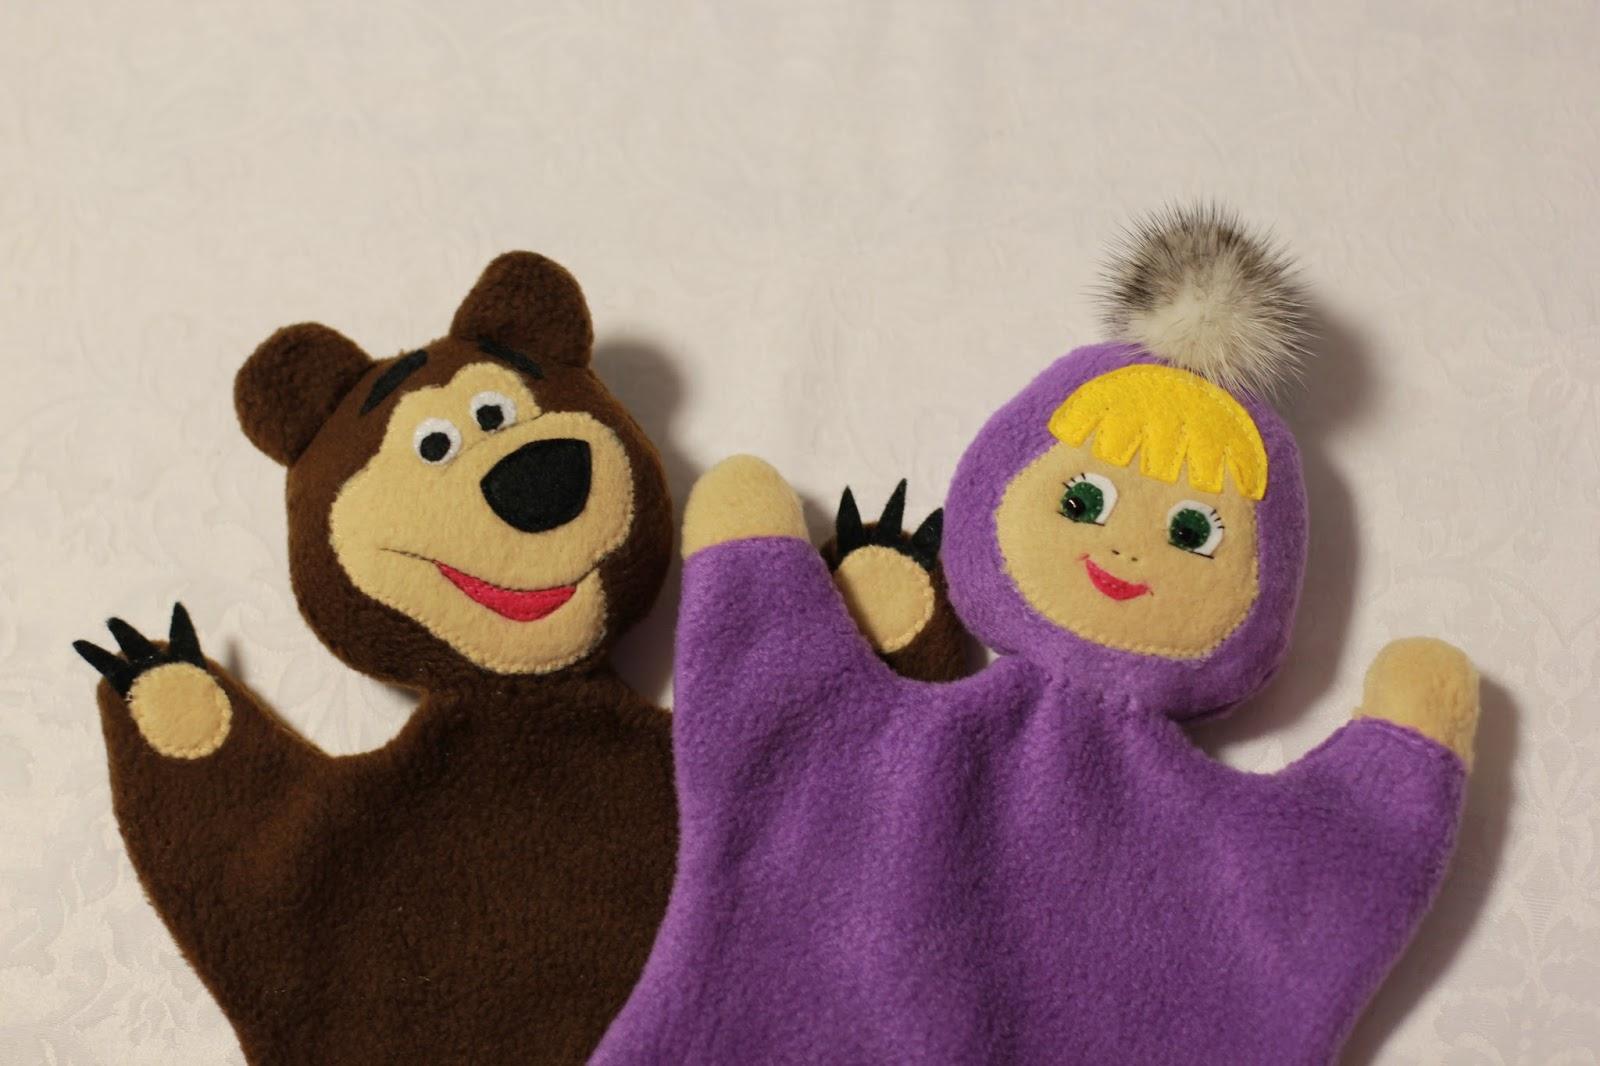 Кукла для кукольного театра своими руками мастер класс пробовал разному